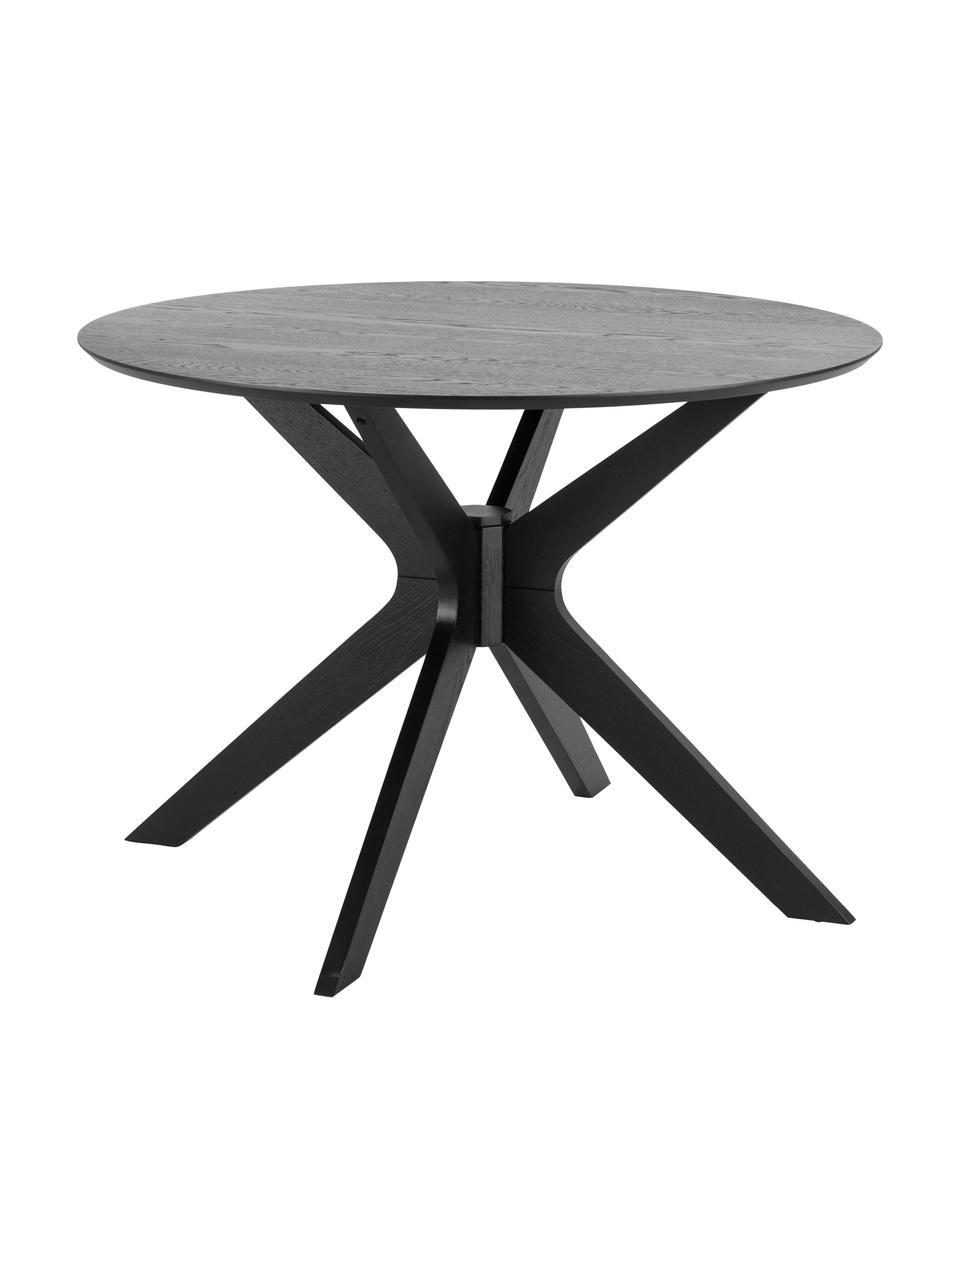 Table ronde noire Duncan, Noir